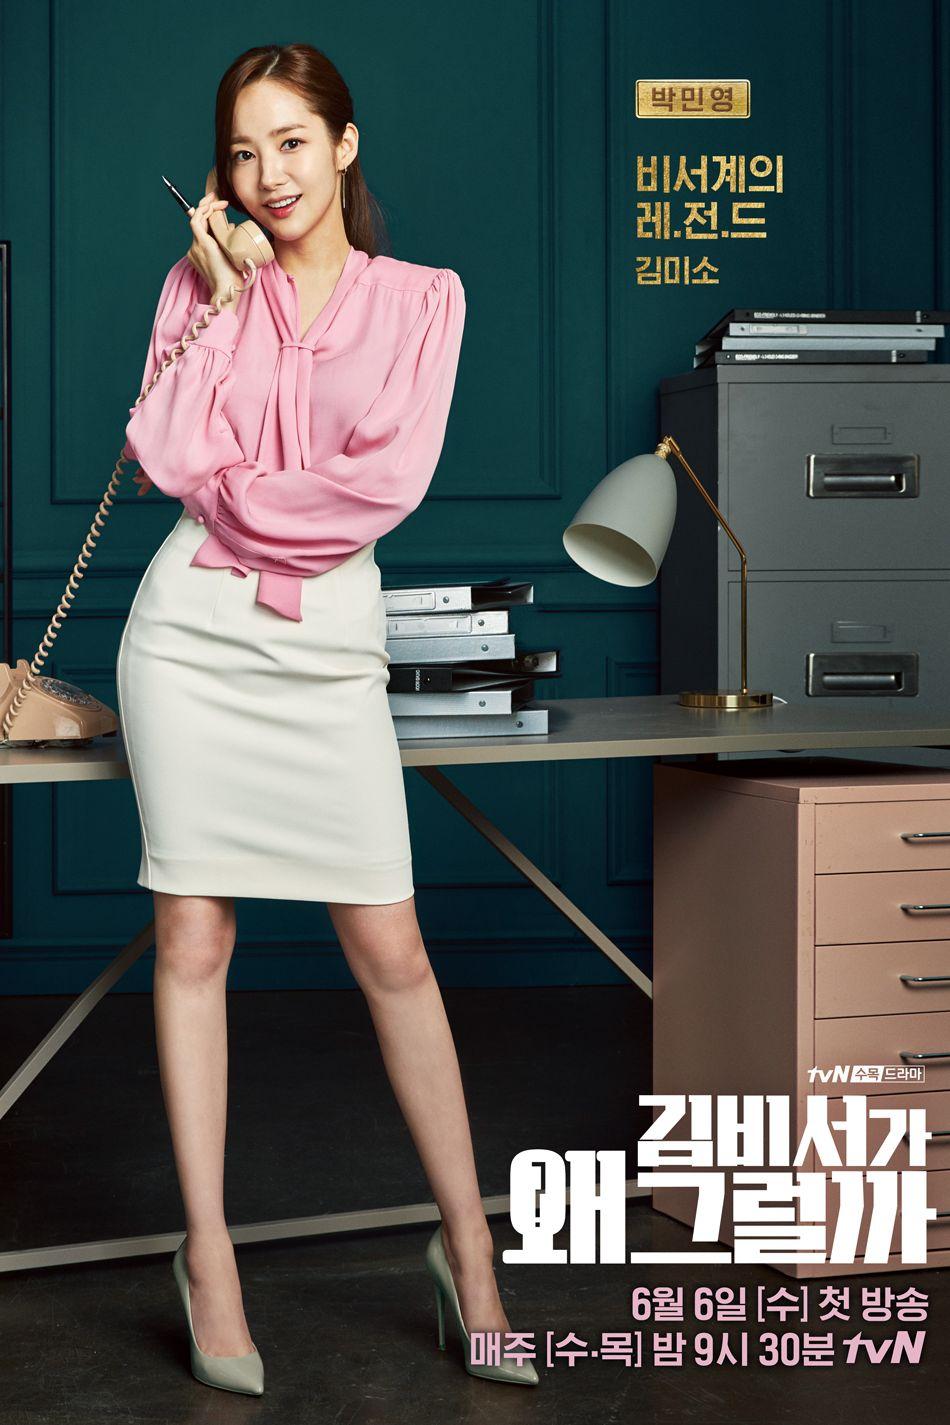 工作穿搭, 朴敏英, 穿搭筆記, 職場穿搭, 金秘書為何那樣, 韓劇, 韓劇穿搭